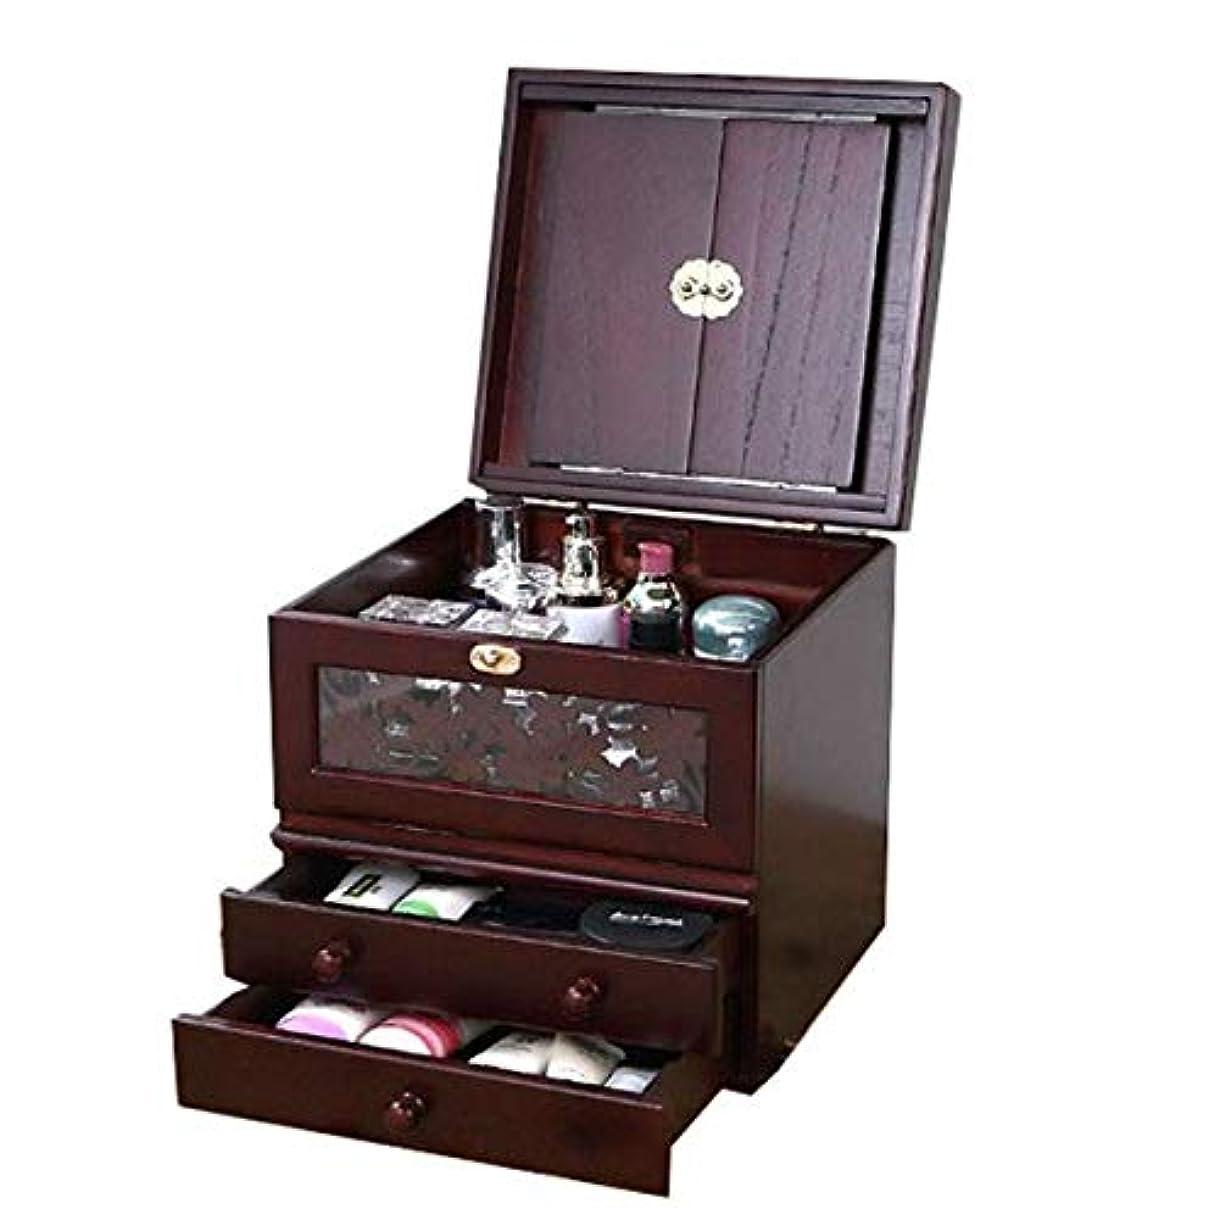 どこか誤天化粧箱、ミラー付きヴィンテージ木製化粧品ケースの3層、ハイエンドの結婚祝い、新築祝いのギフト、美容ネイルジュエリー収納ボックス